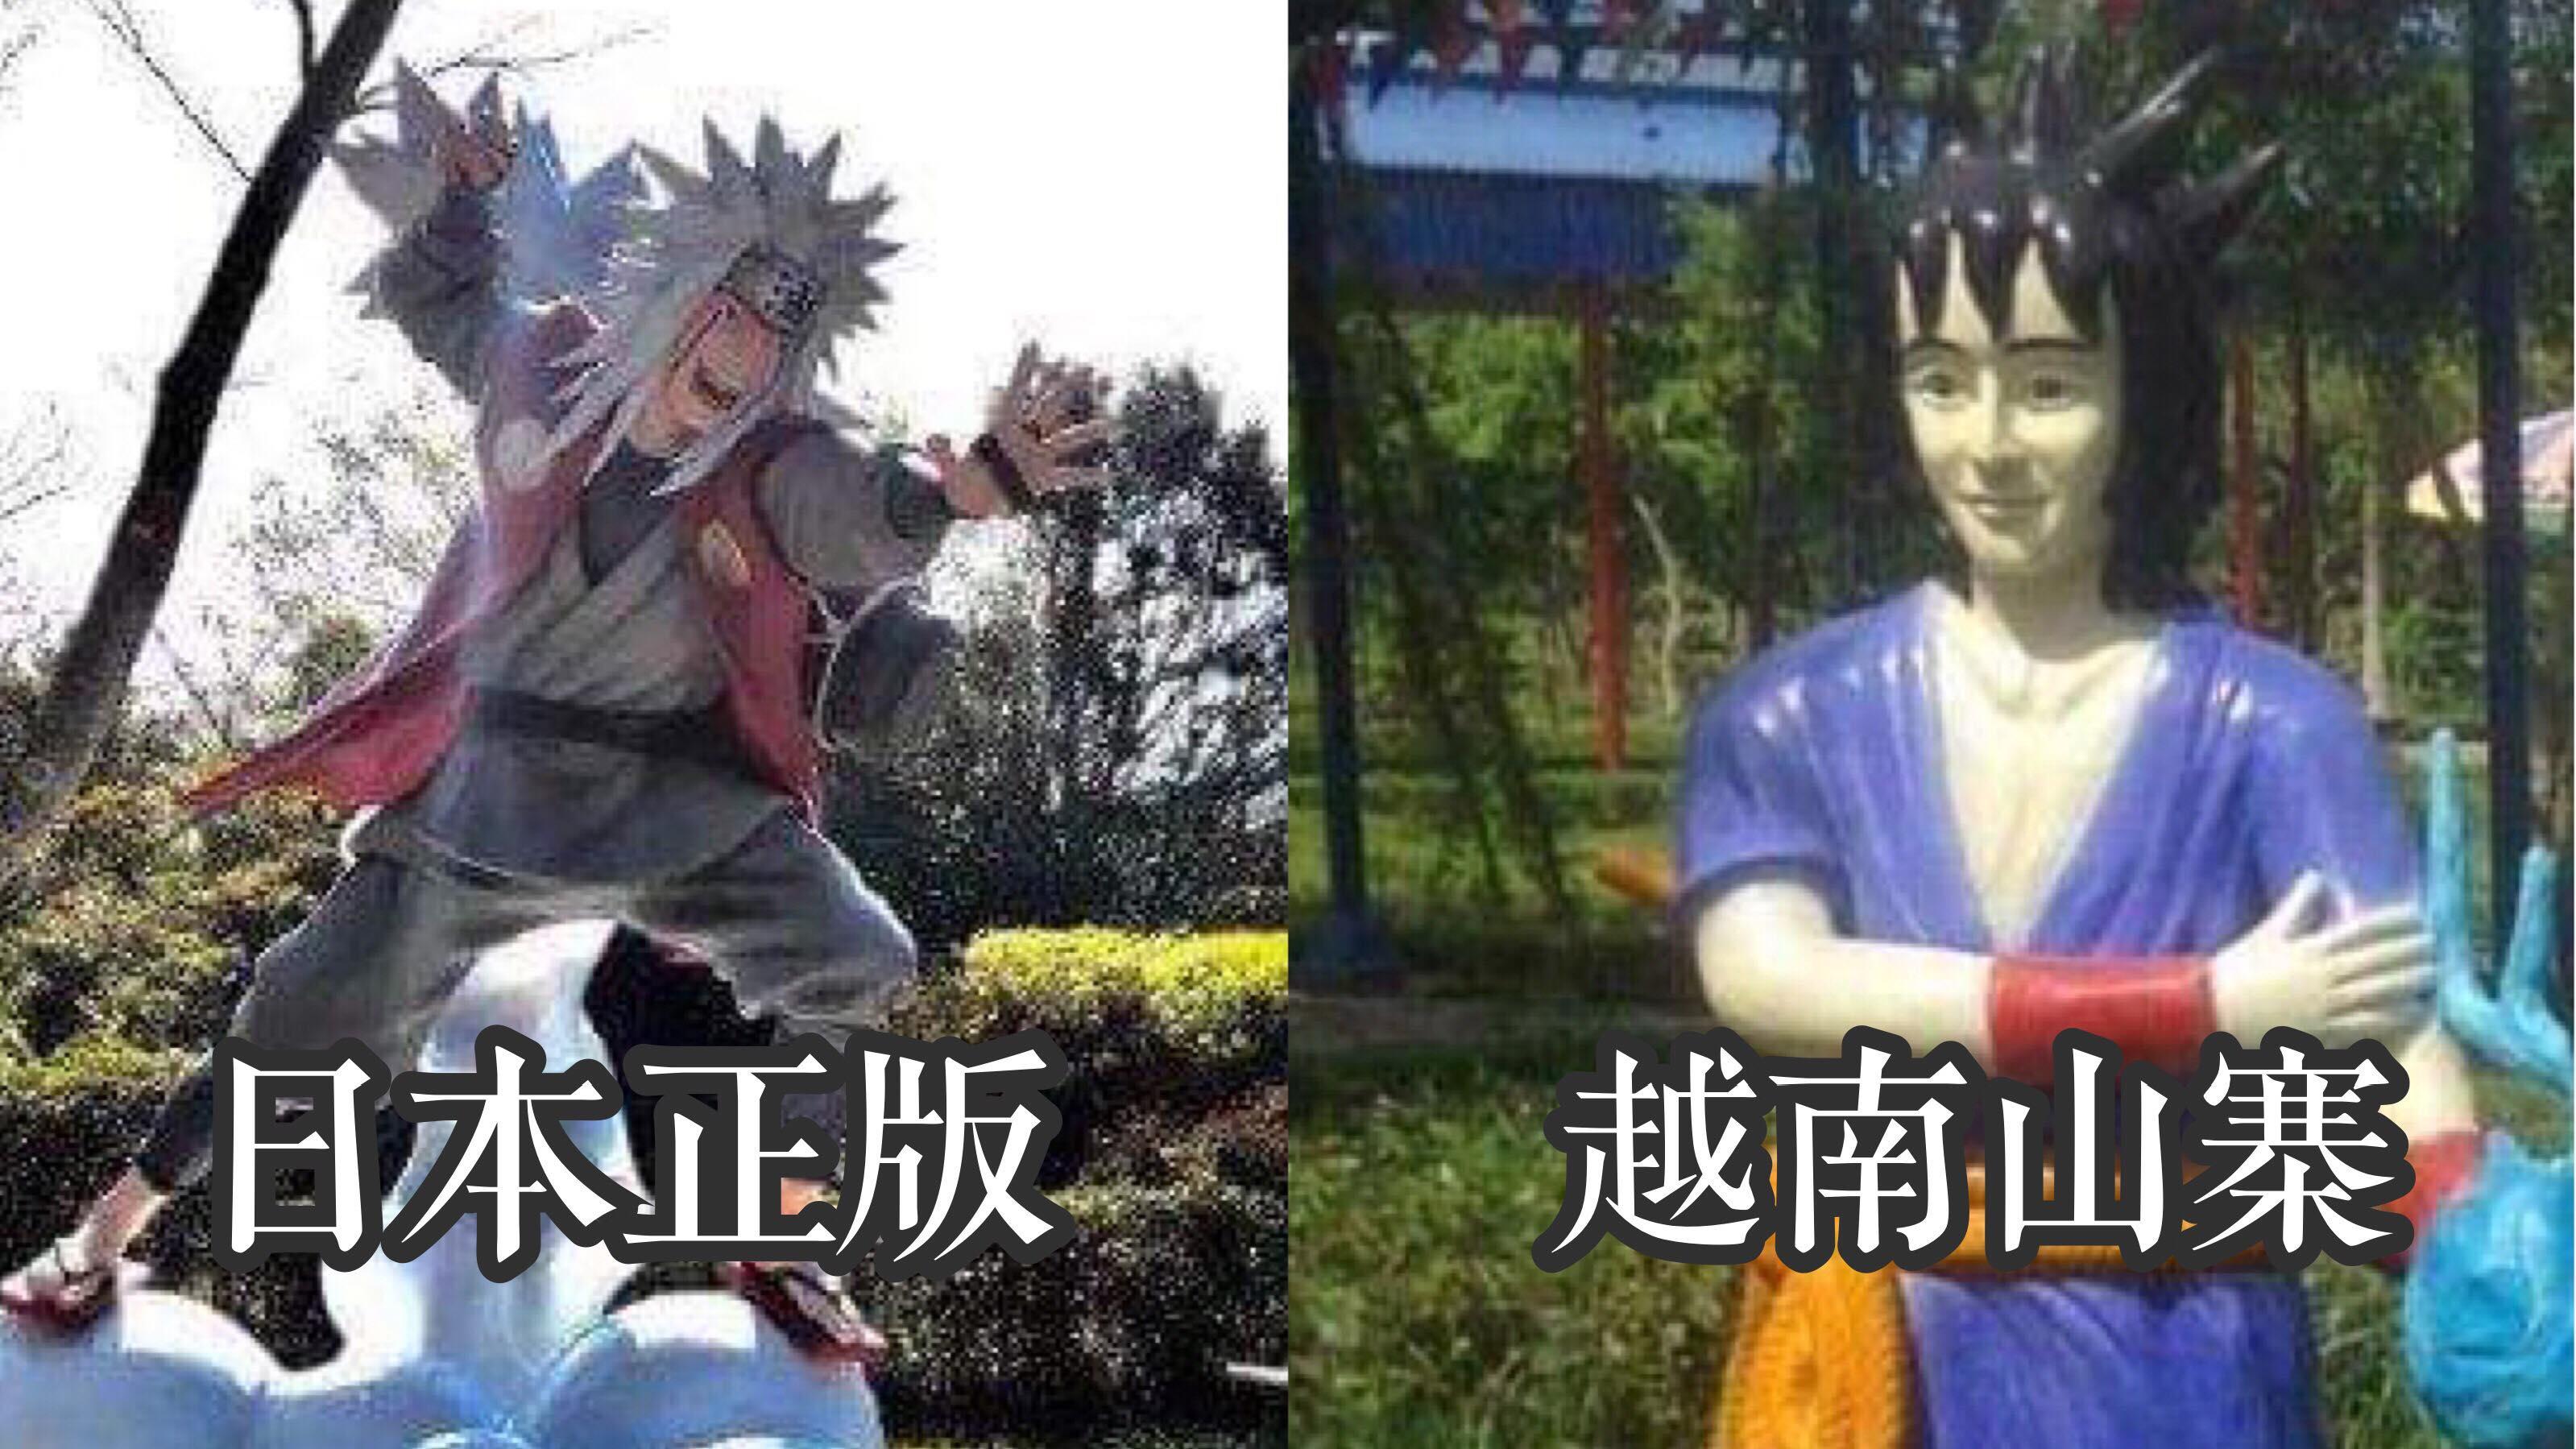 日本VS越南「火影忍者」主題公園,網友傻眼:越南又毀掉了一部動漫…. – 動漫的故事